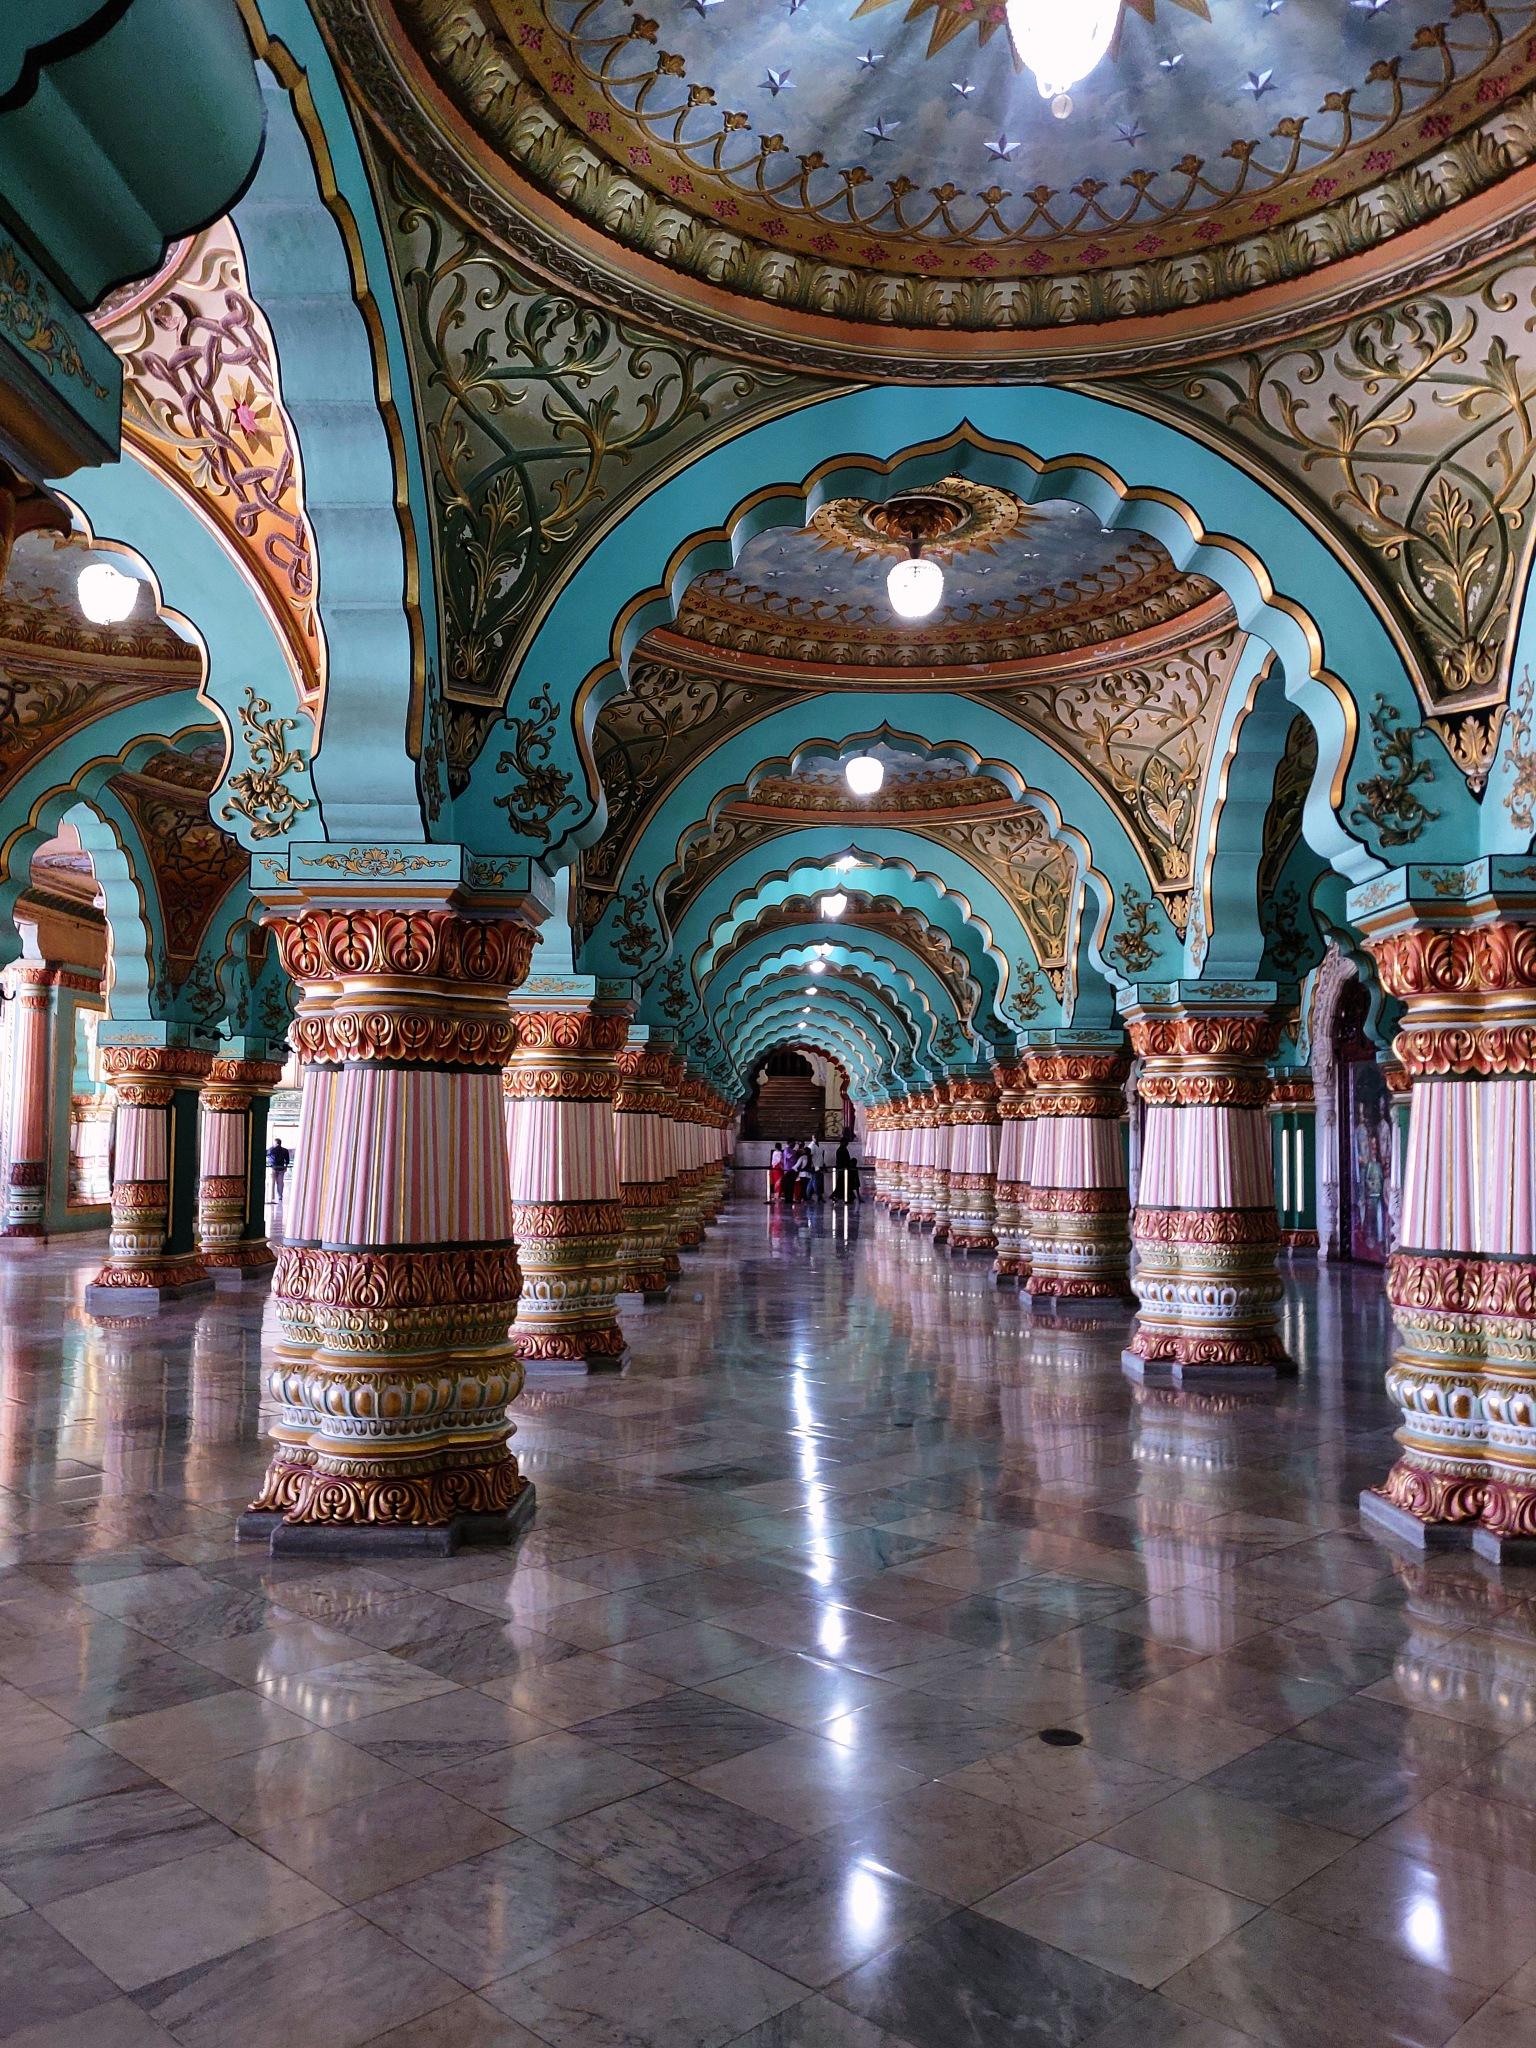 Palace interior by Shalom Thilagarajan